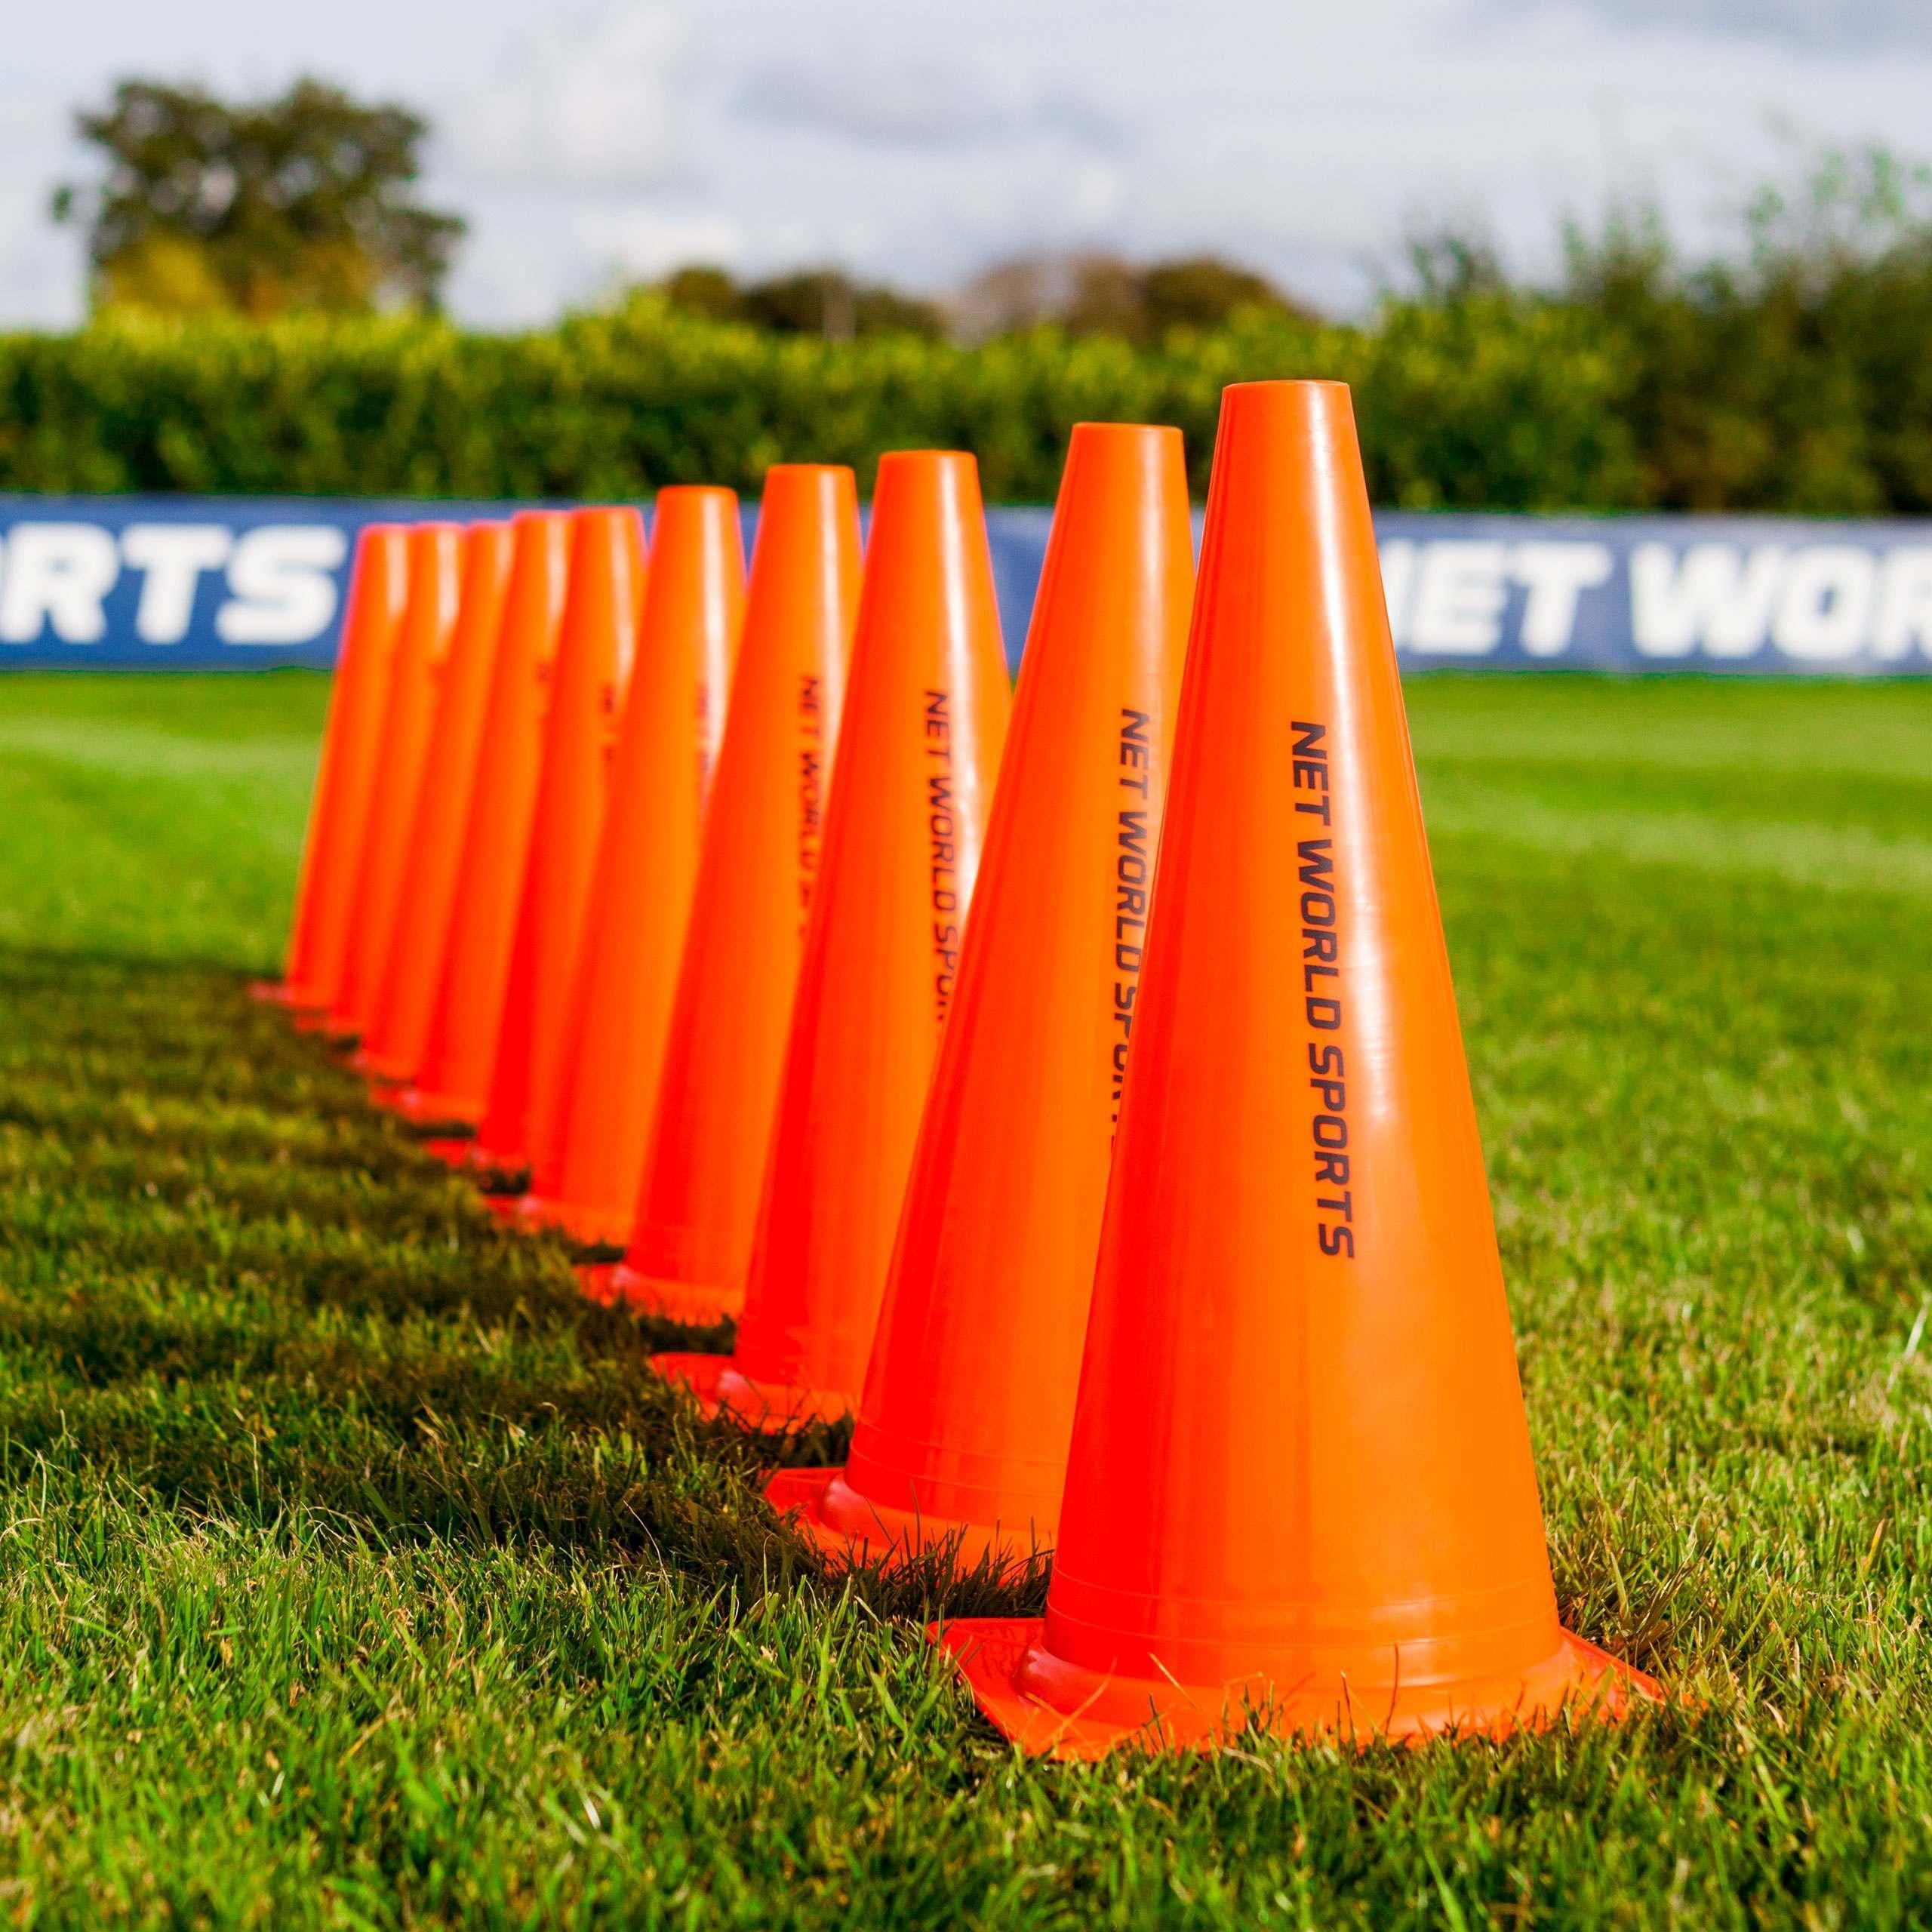 FORZA Football Training Marker Cones